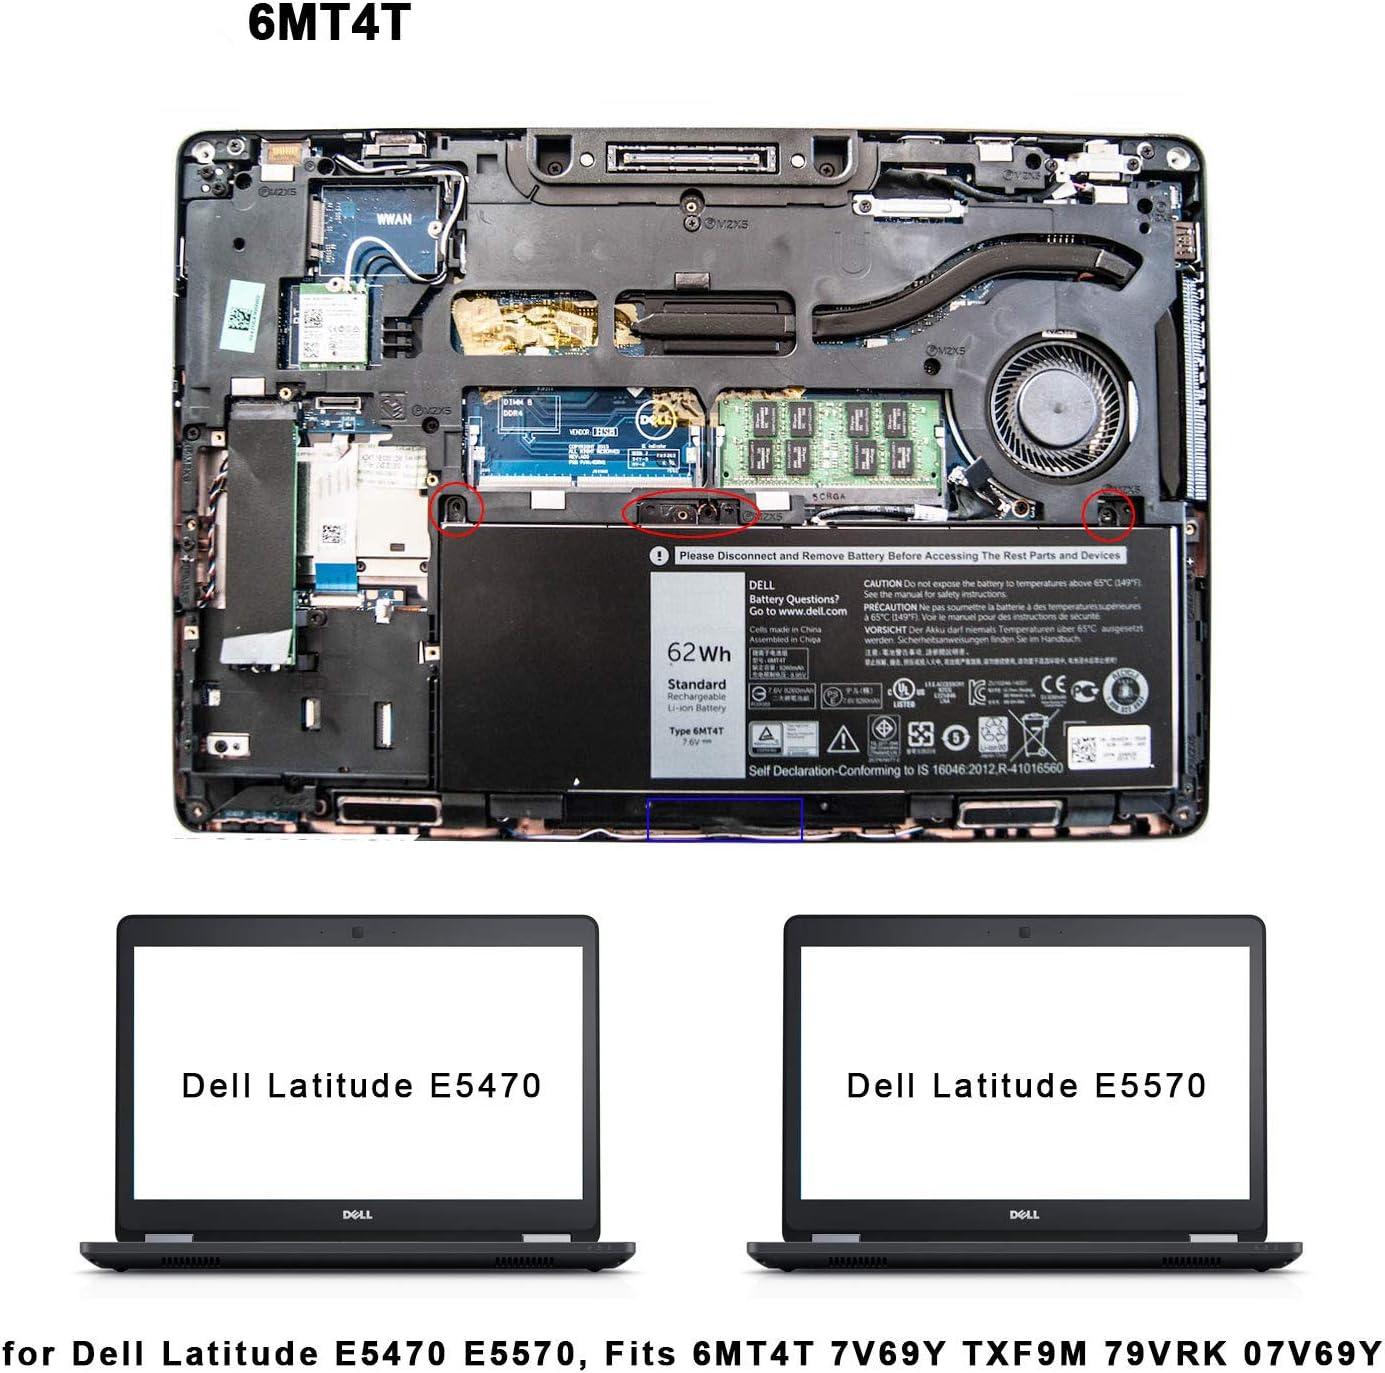 ASKC 62Wh 6MT4T Ersatzakku fr Dell Latitude E5470 E5570 Precision ...